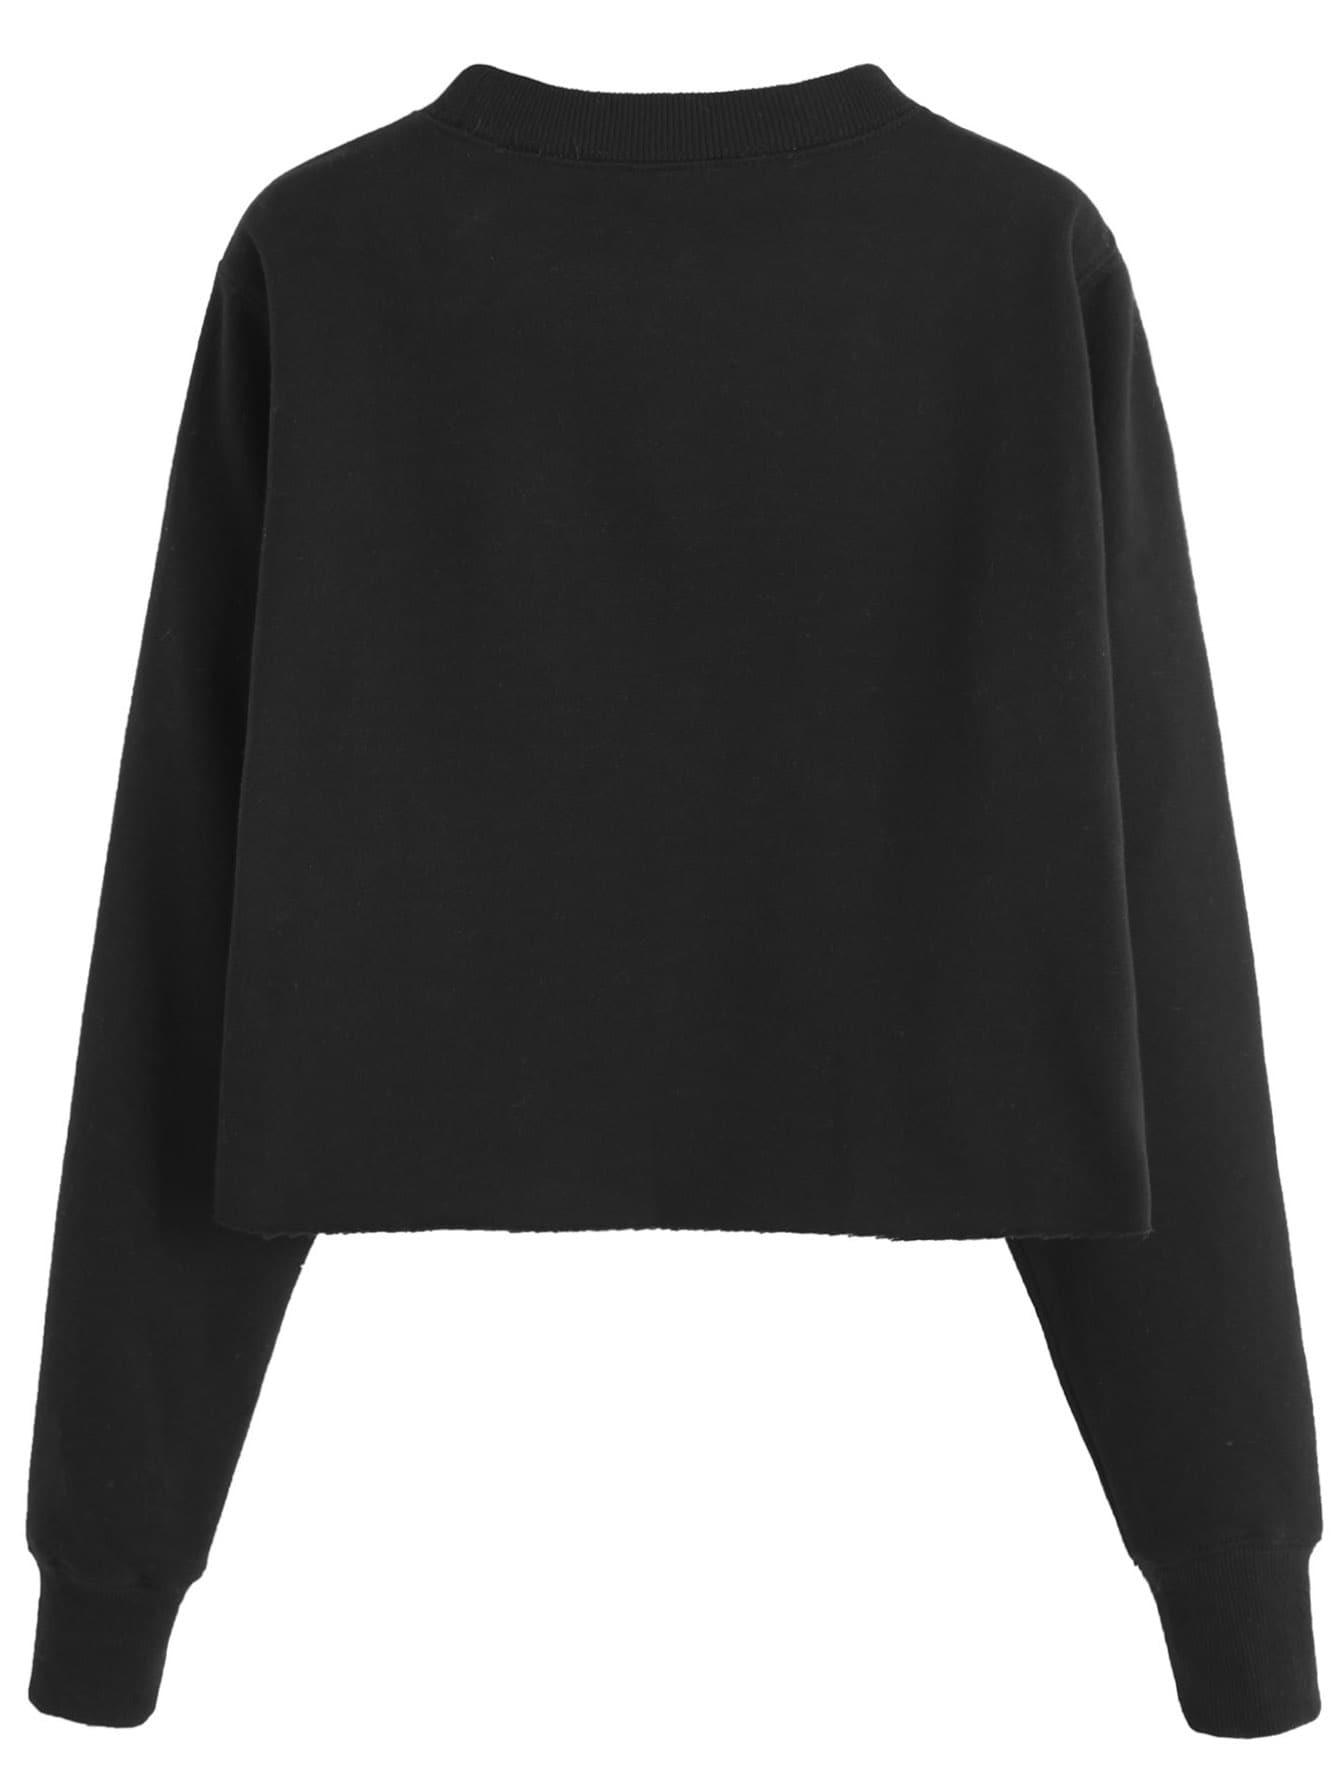 sweatshirt160912302_2